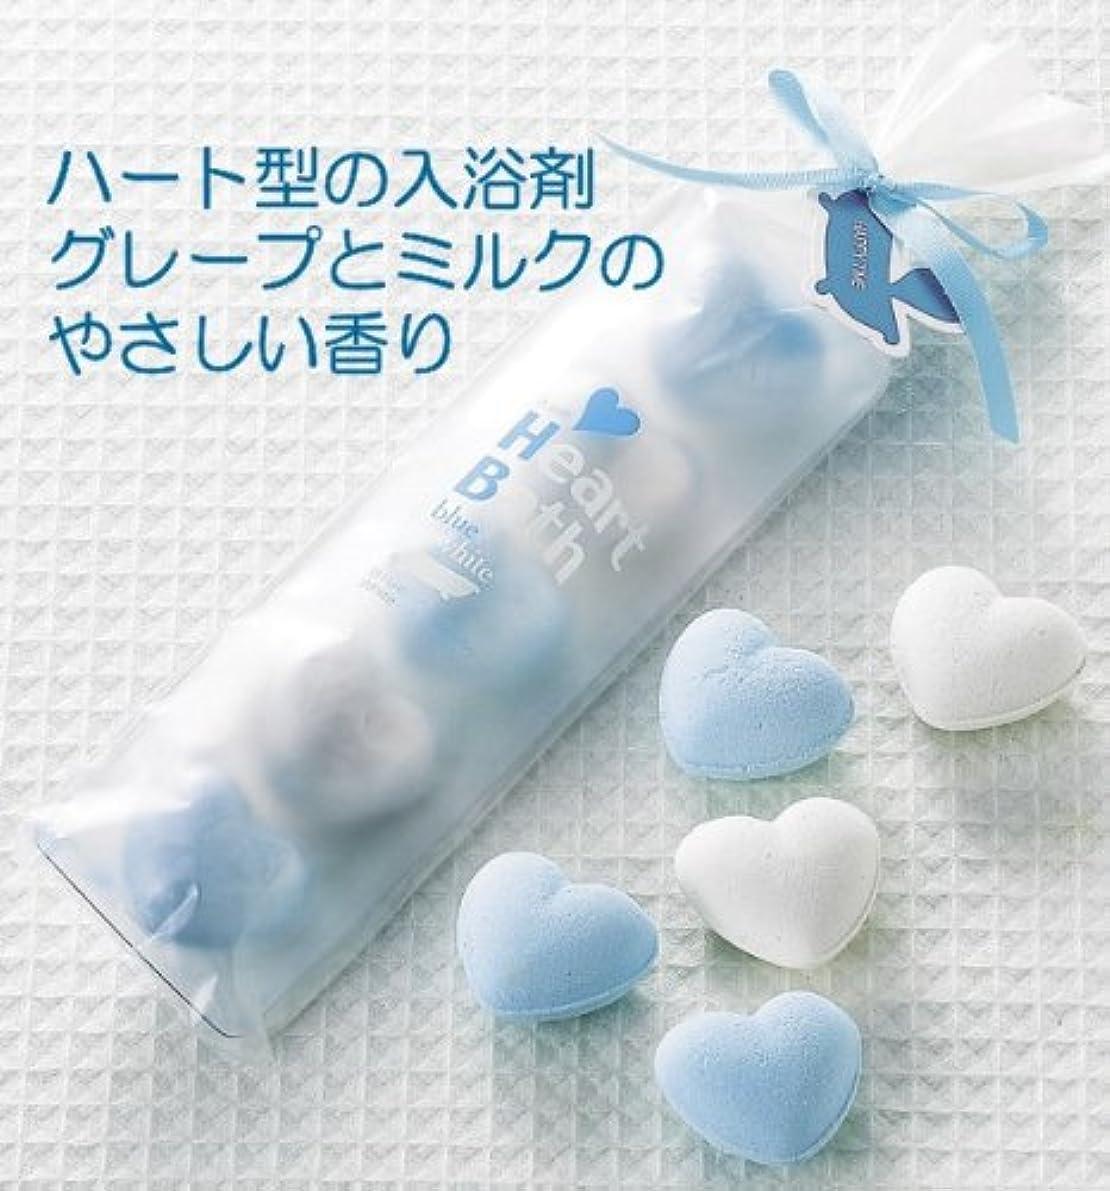 戸口努力吸うハート型の入浴剤 グレープ&ミルク